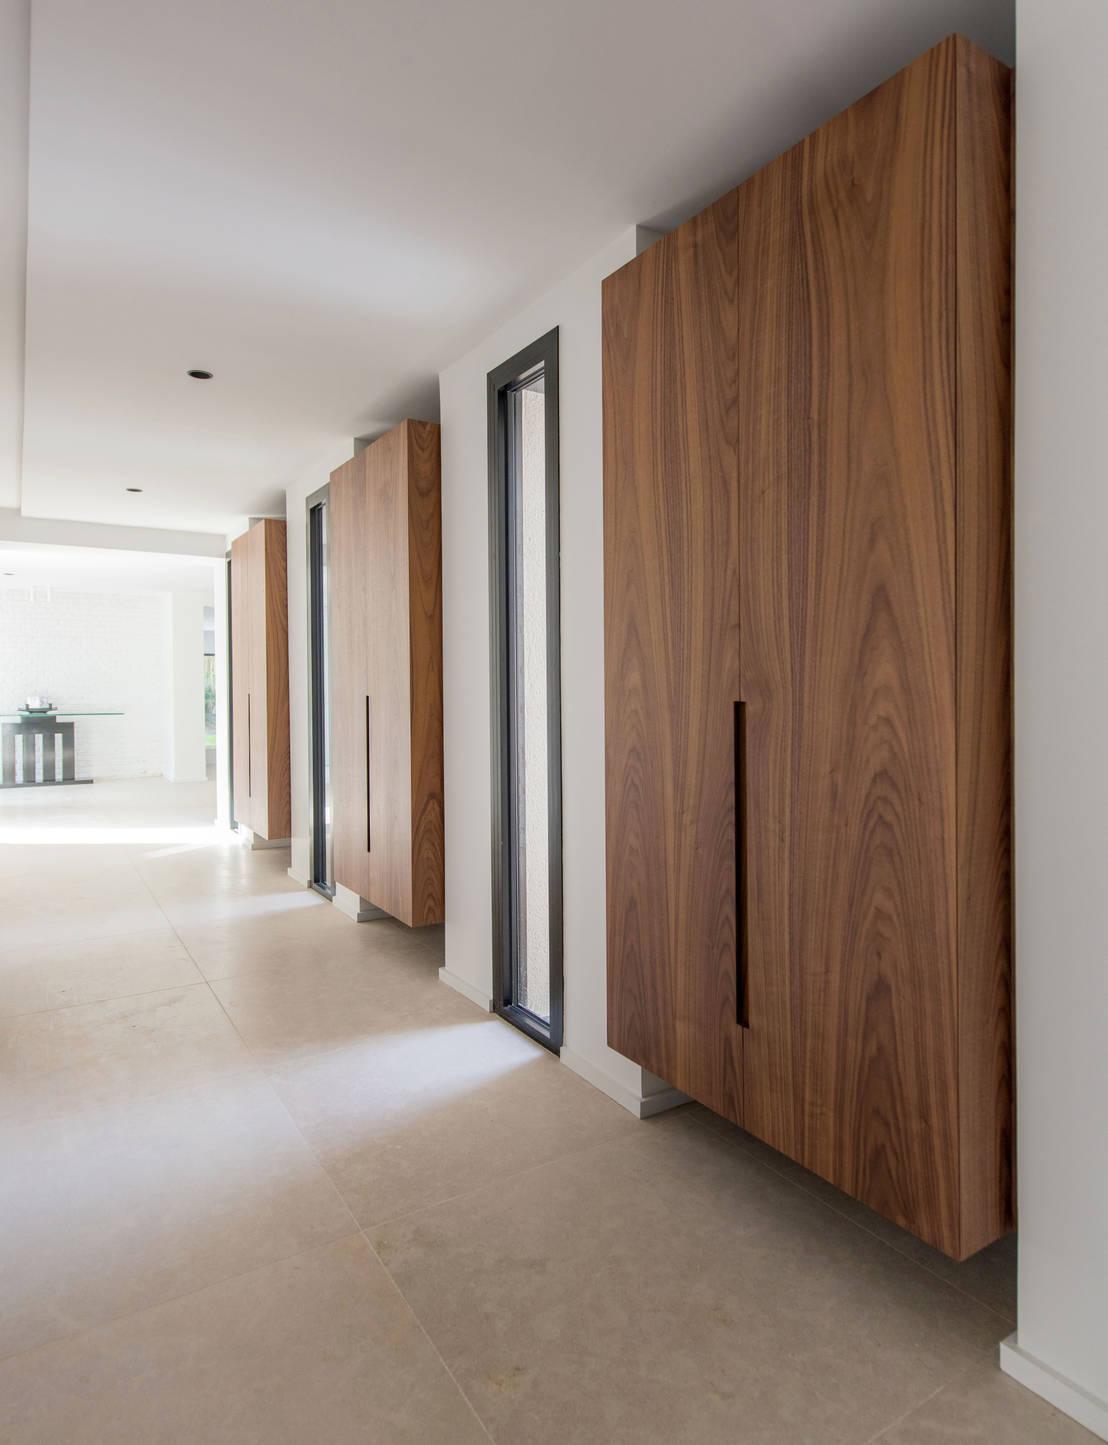 habitation priv e en p v le de mayelle architecture int rieur design homify. Black Bedroom Furniture Sets. Home Design Ideas